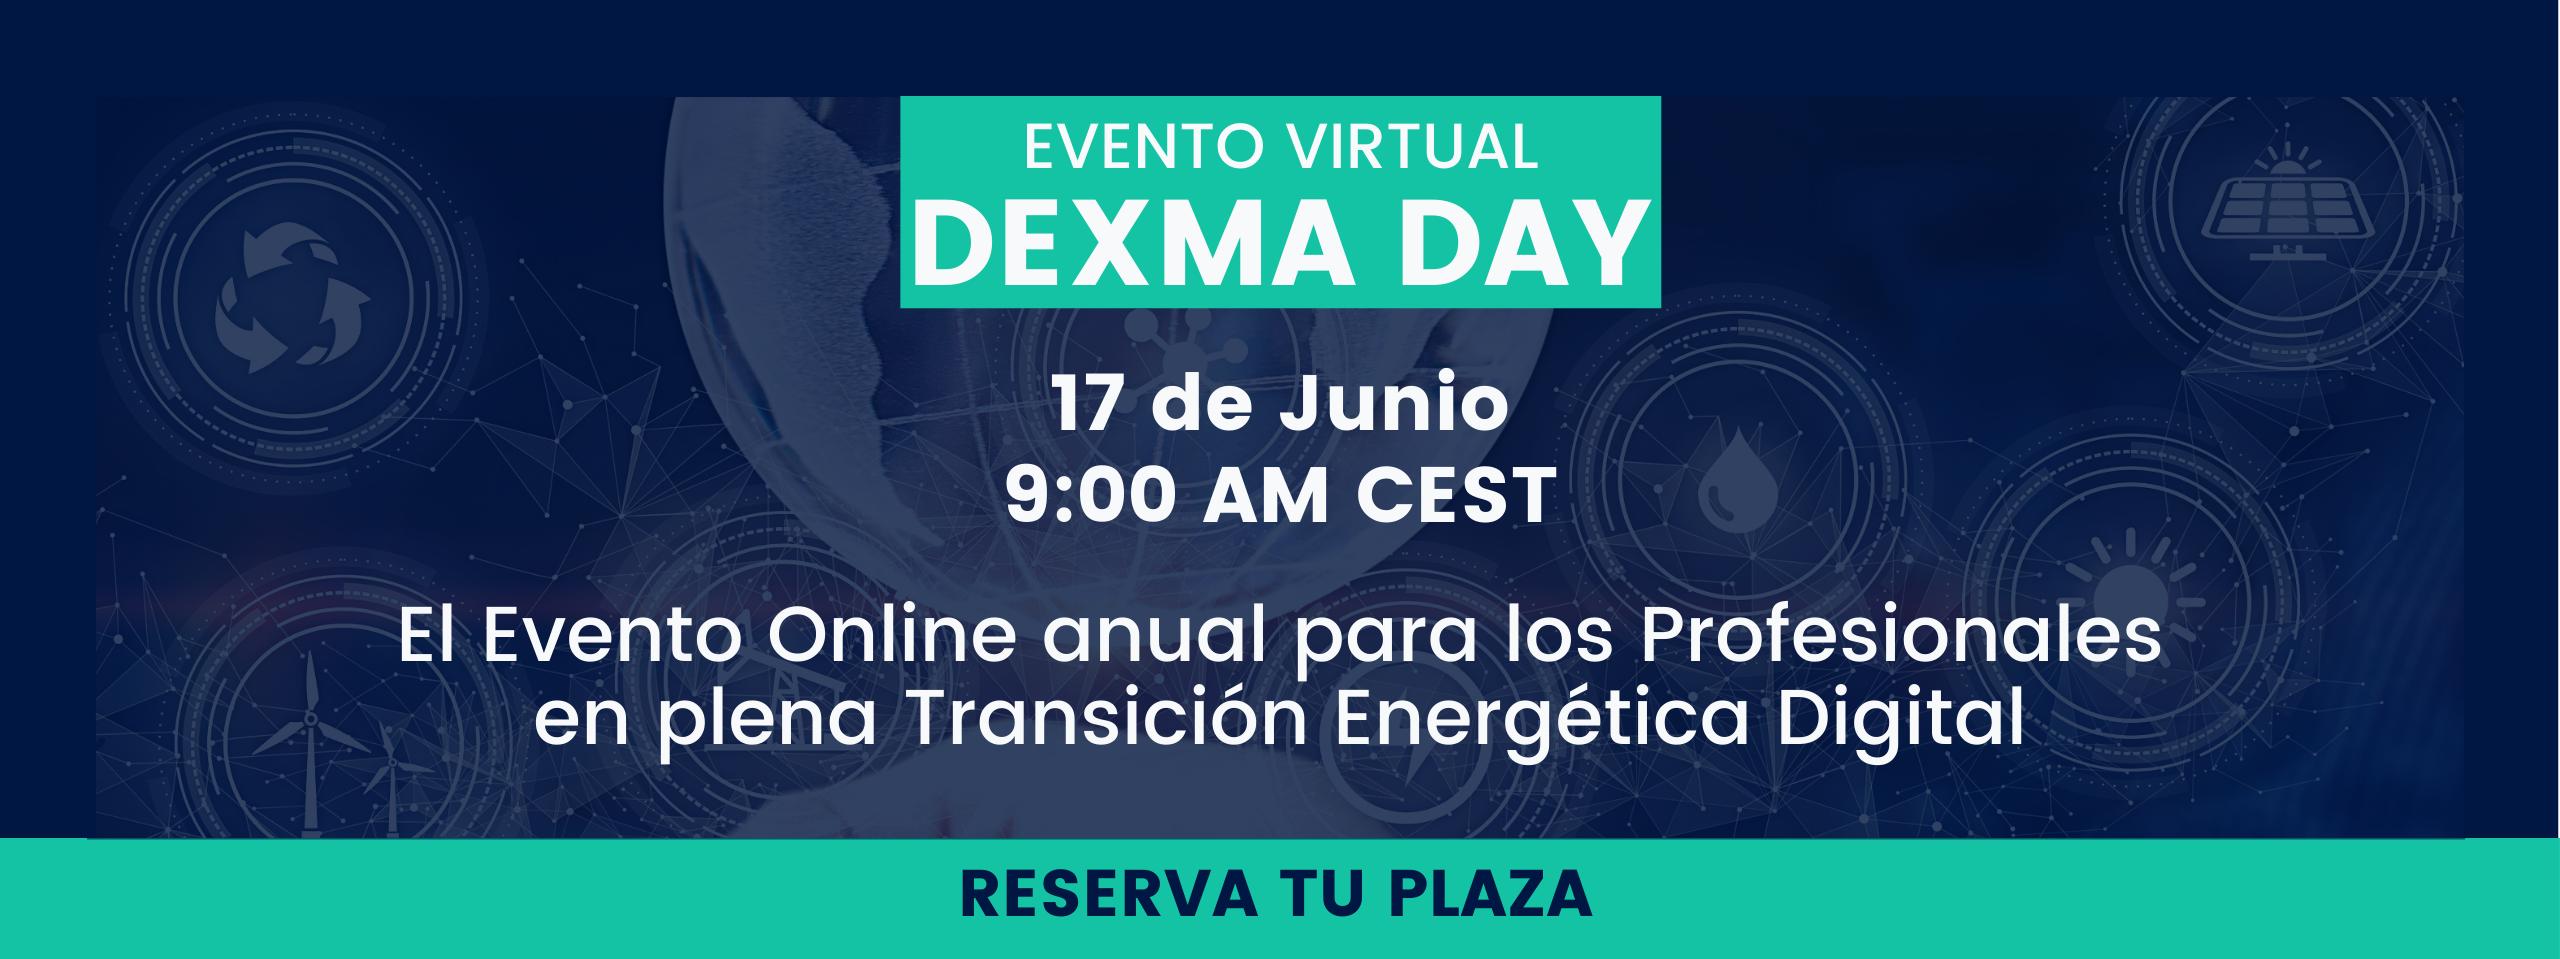 DEXMA Day 2021 - Evento sobre Gestión y Eficiencia energética